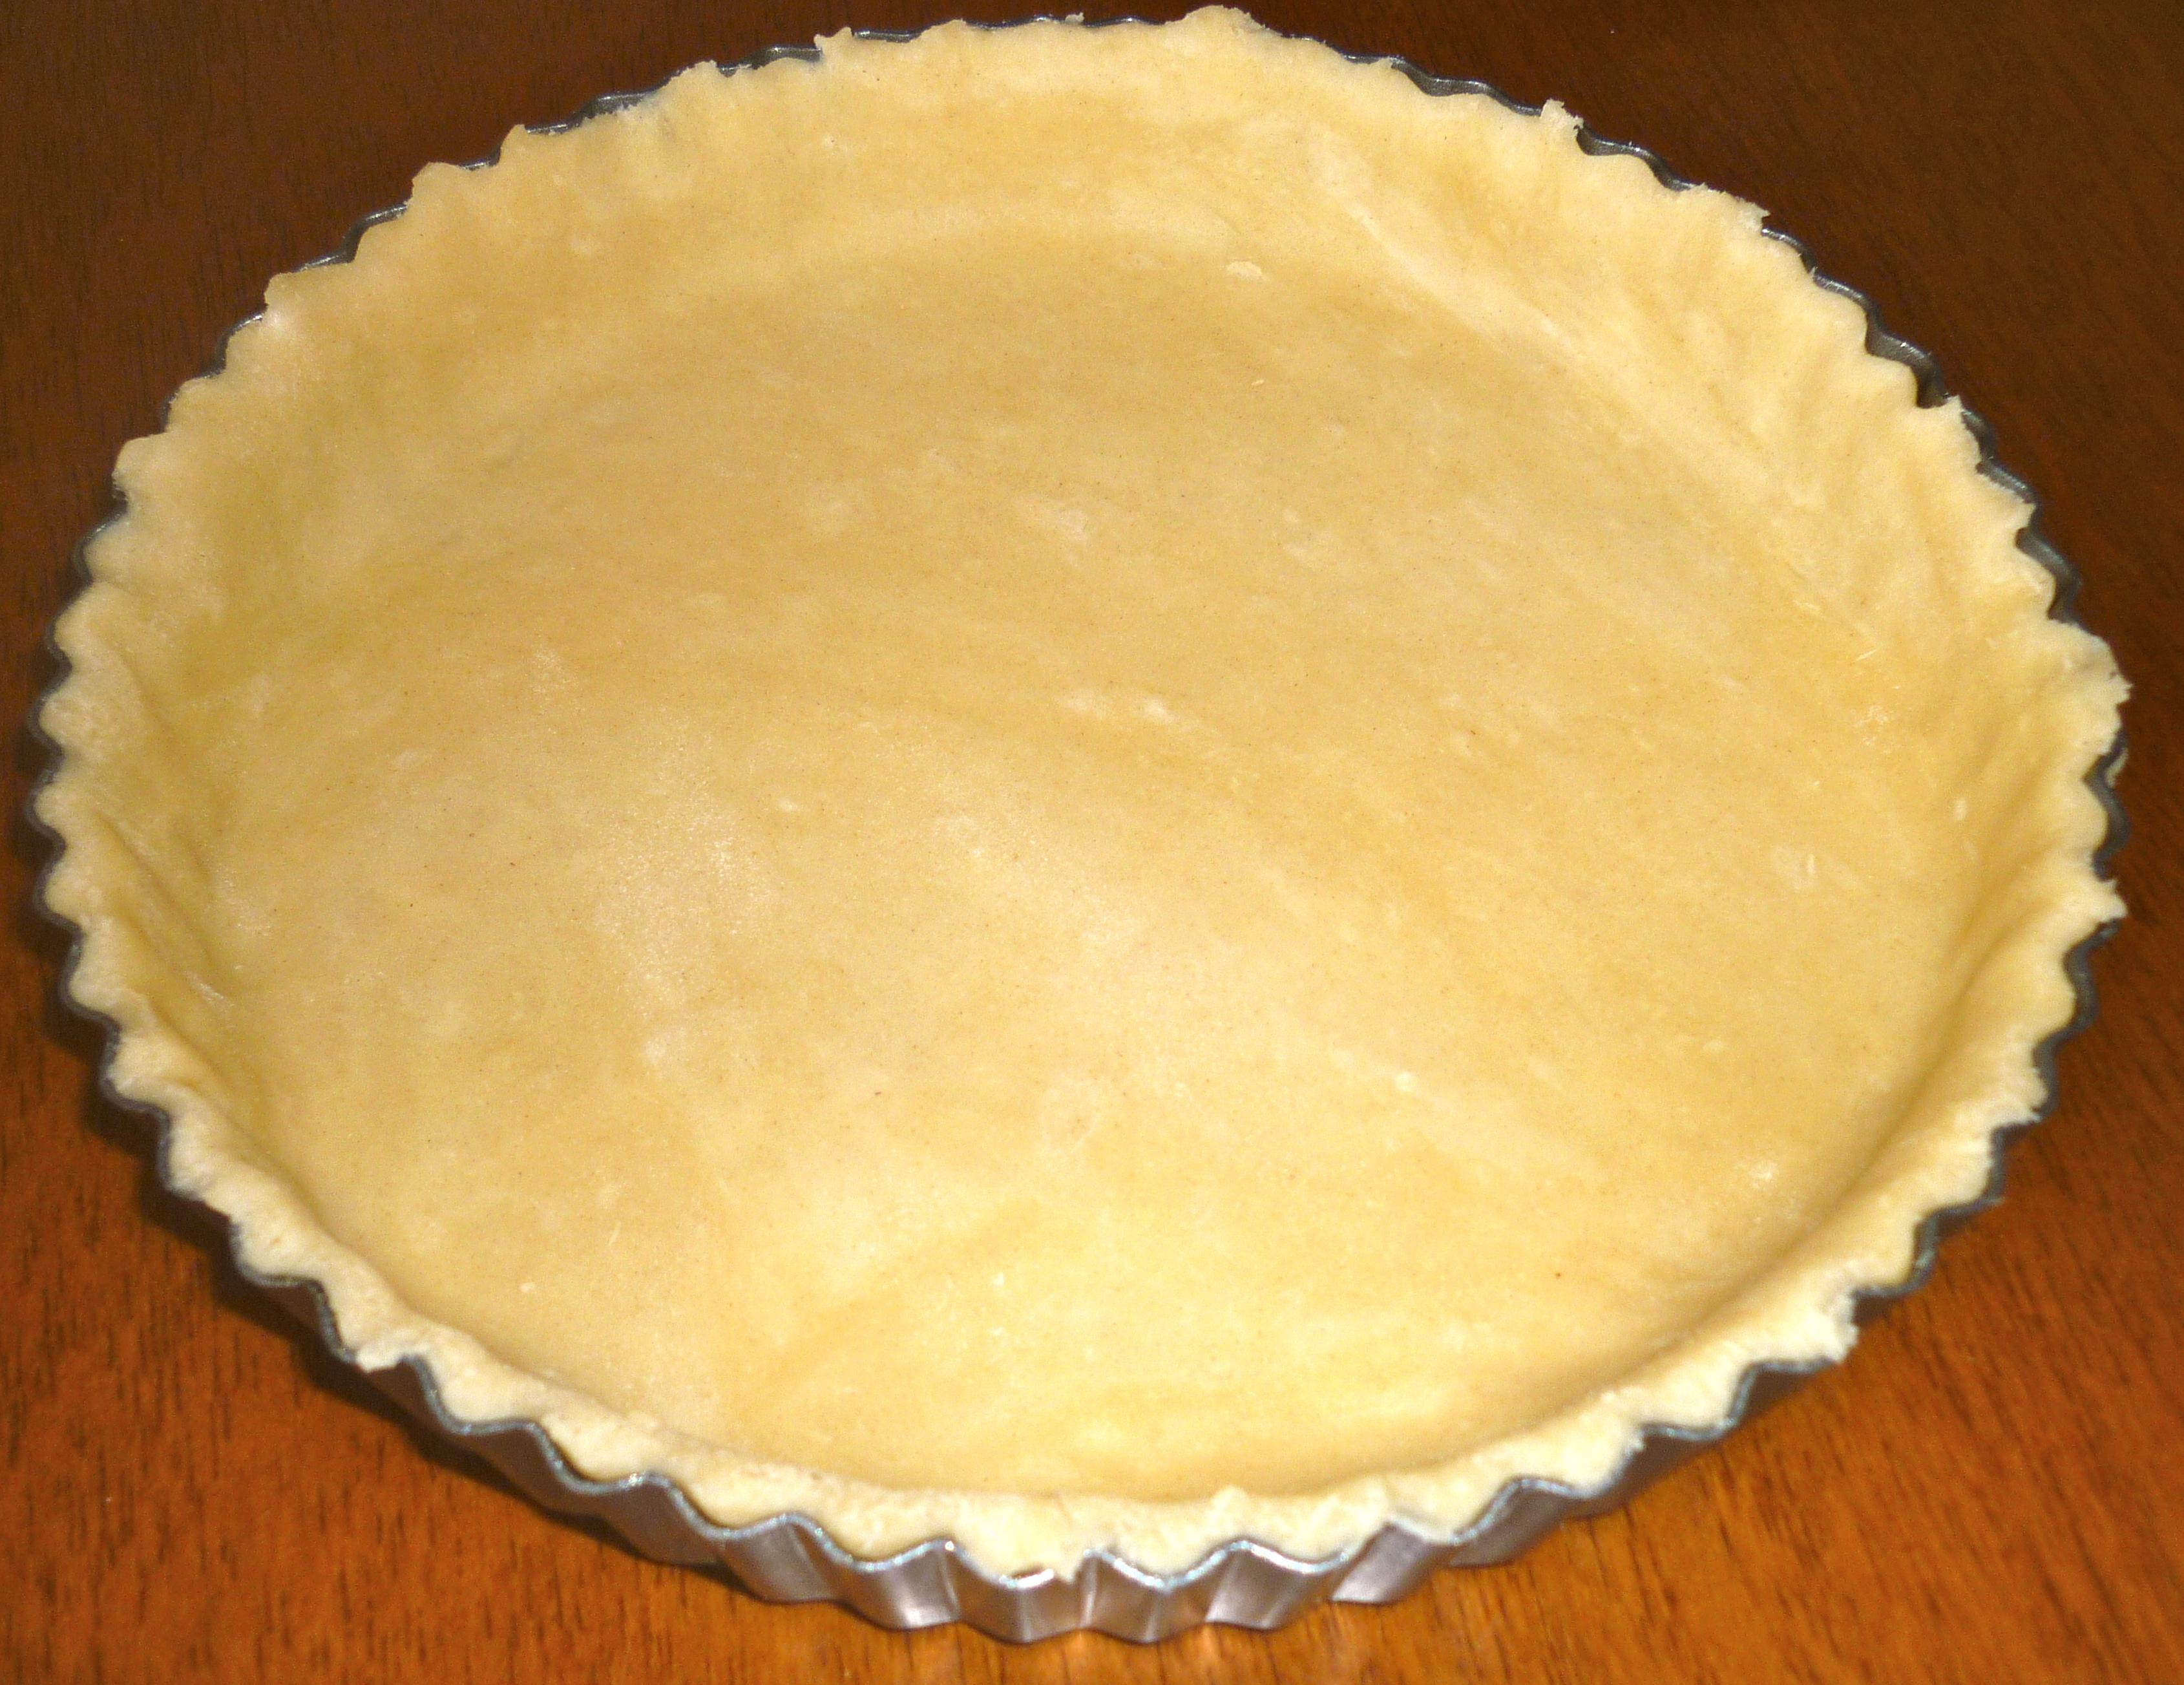 Pâte Brisée – Shortcrust Pastry Dough